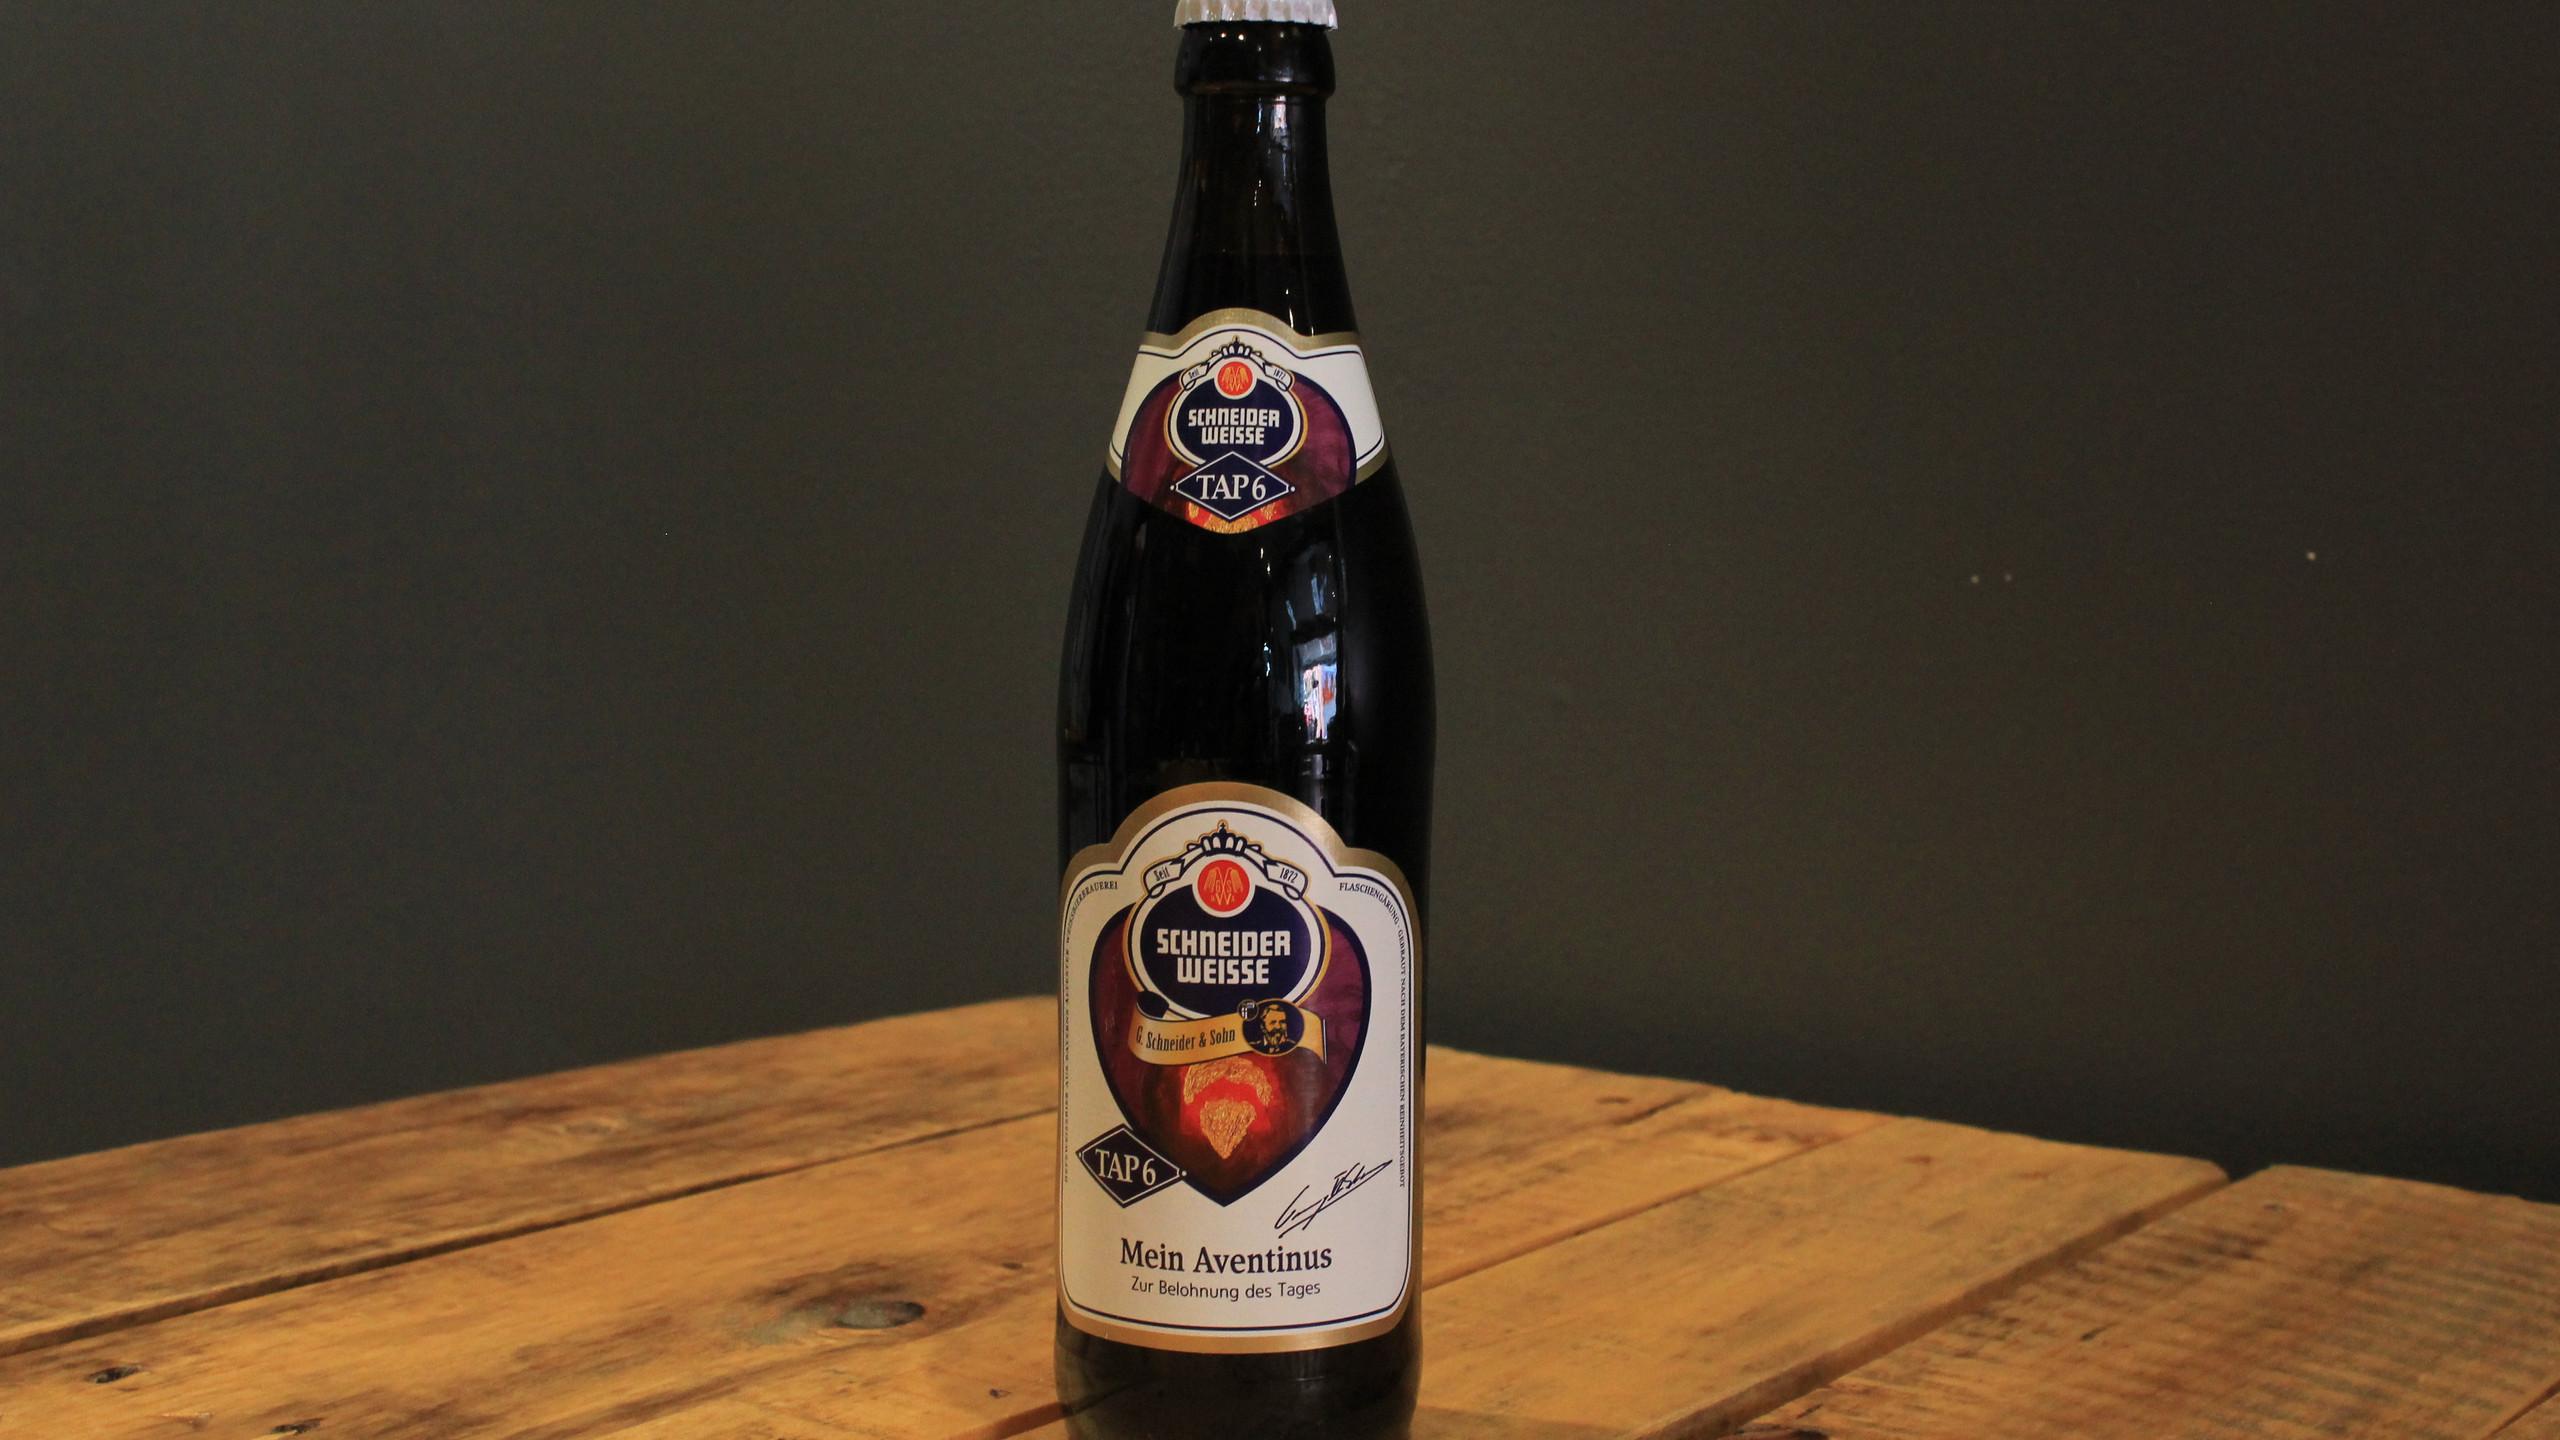 Beer #3: Schneider Weisse - Tap 6